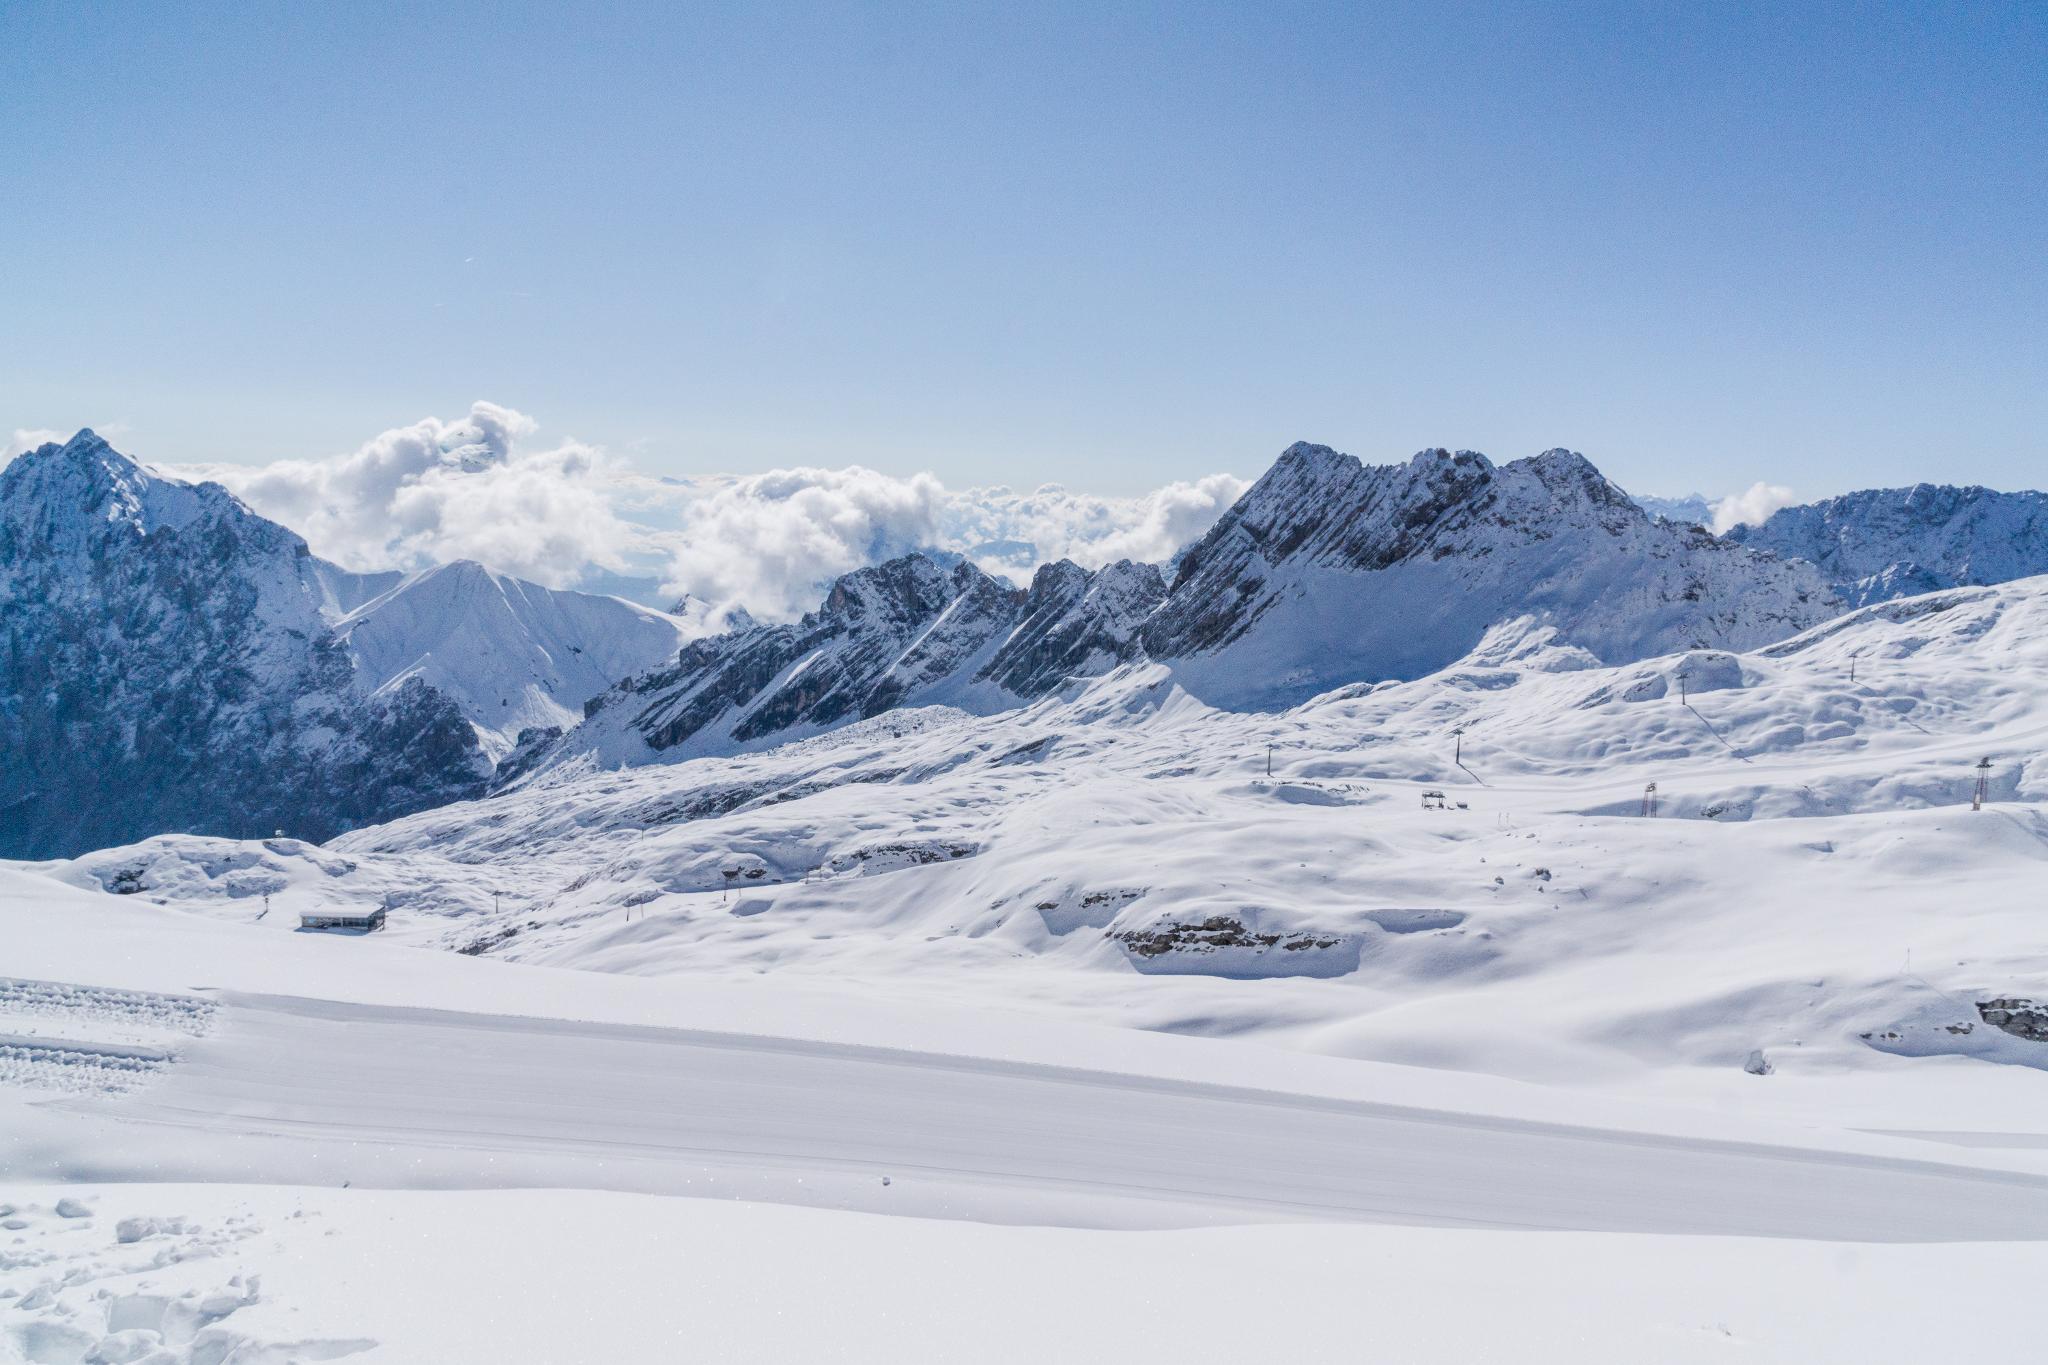 【德國】阿爾卑斯大道:楚格峰 (Zugspitze) 登上德國之巔 3